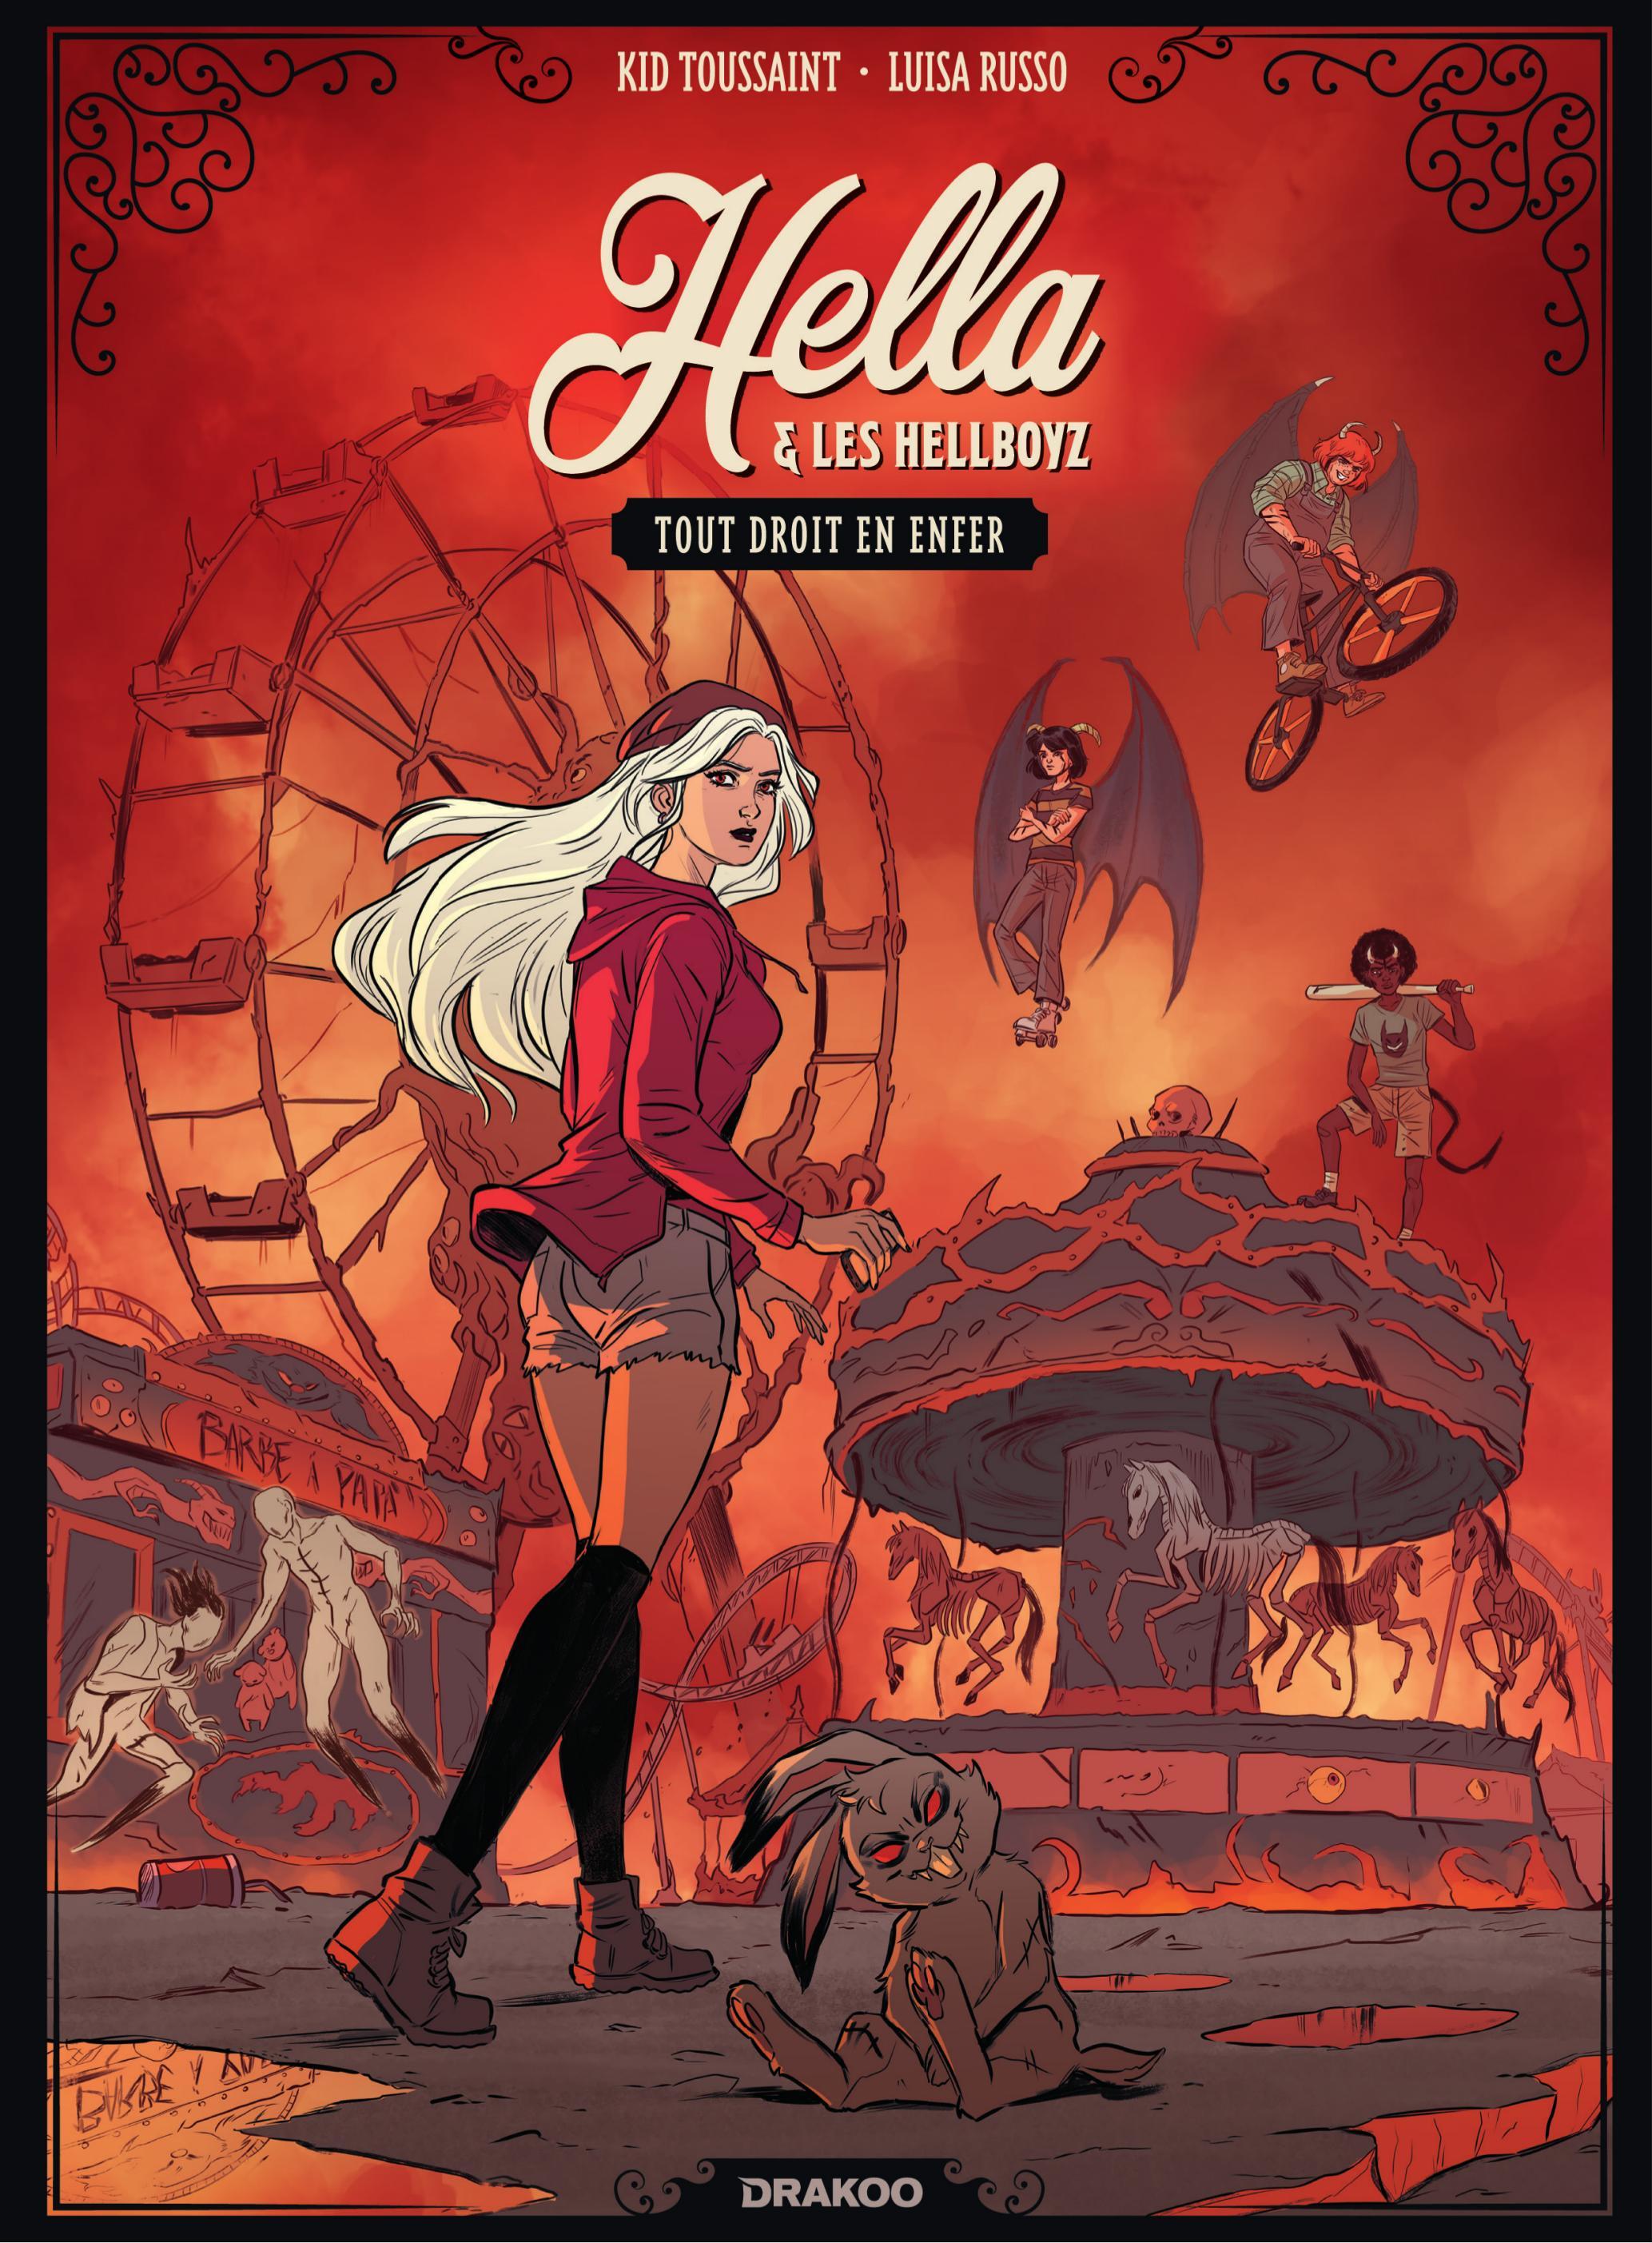 Hella & les hellboyz 1 - Tout droit en enfer